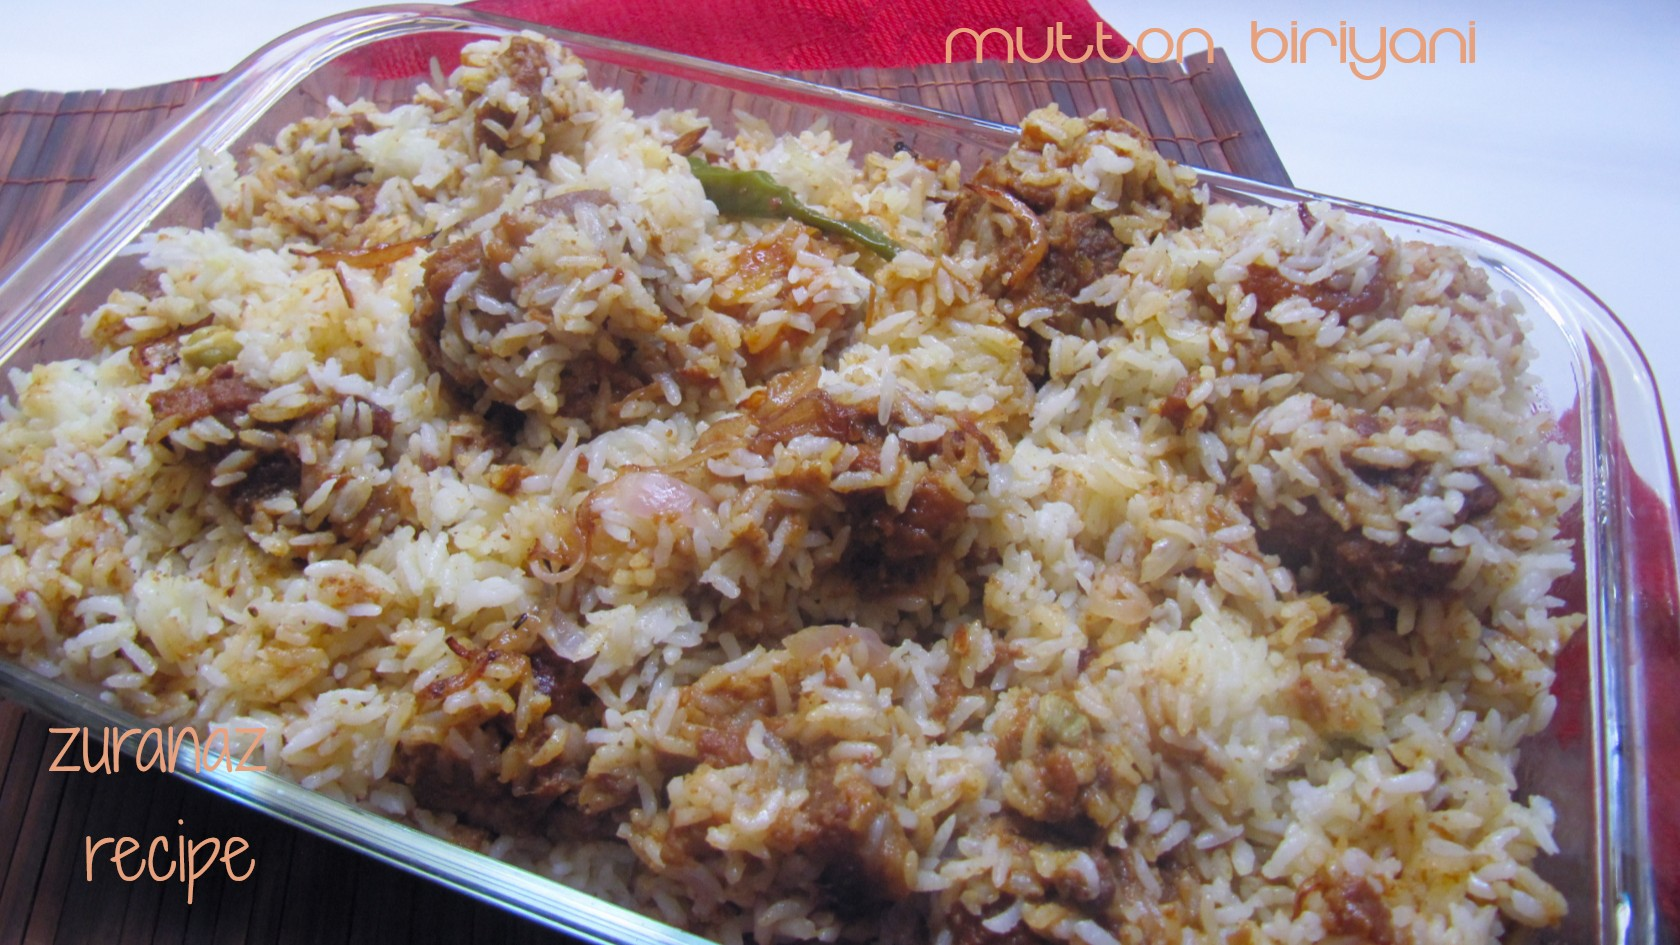 Khashir Biriyani/Mutton Biriyani